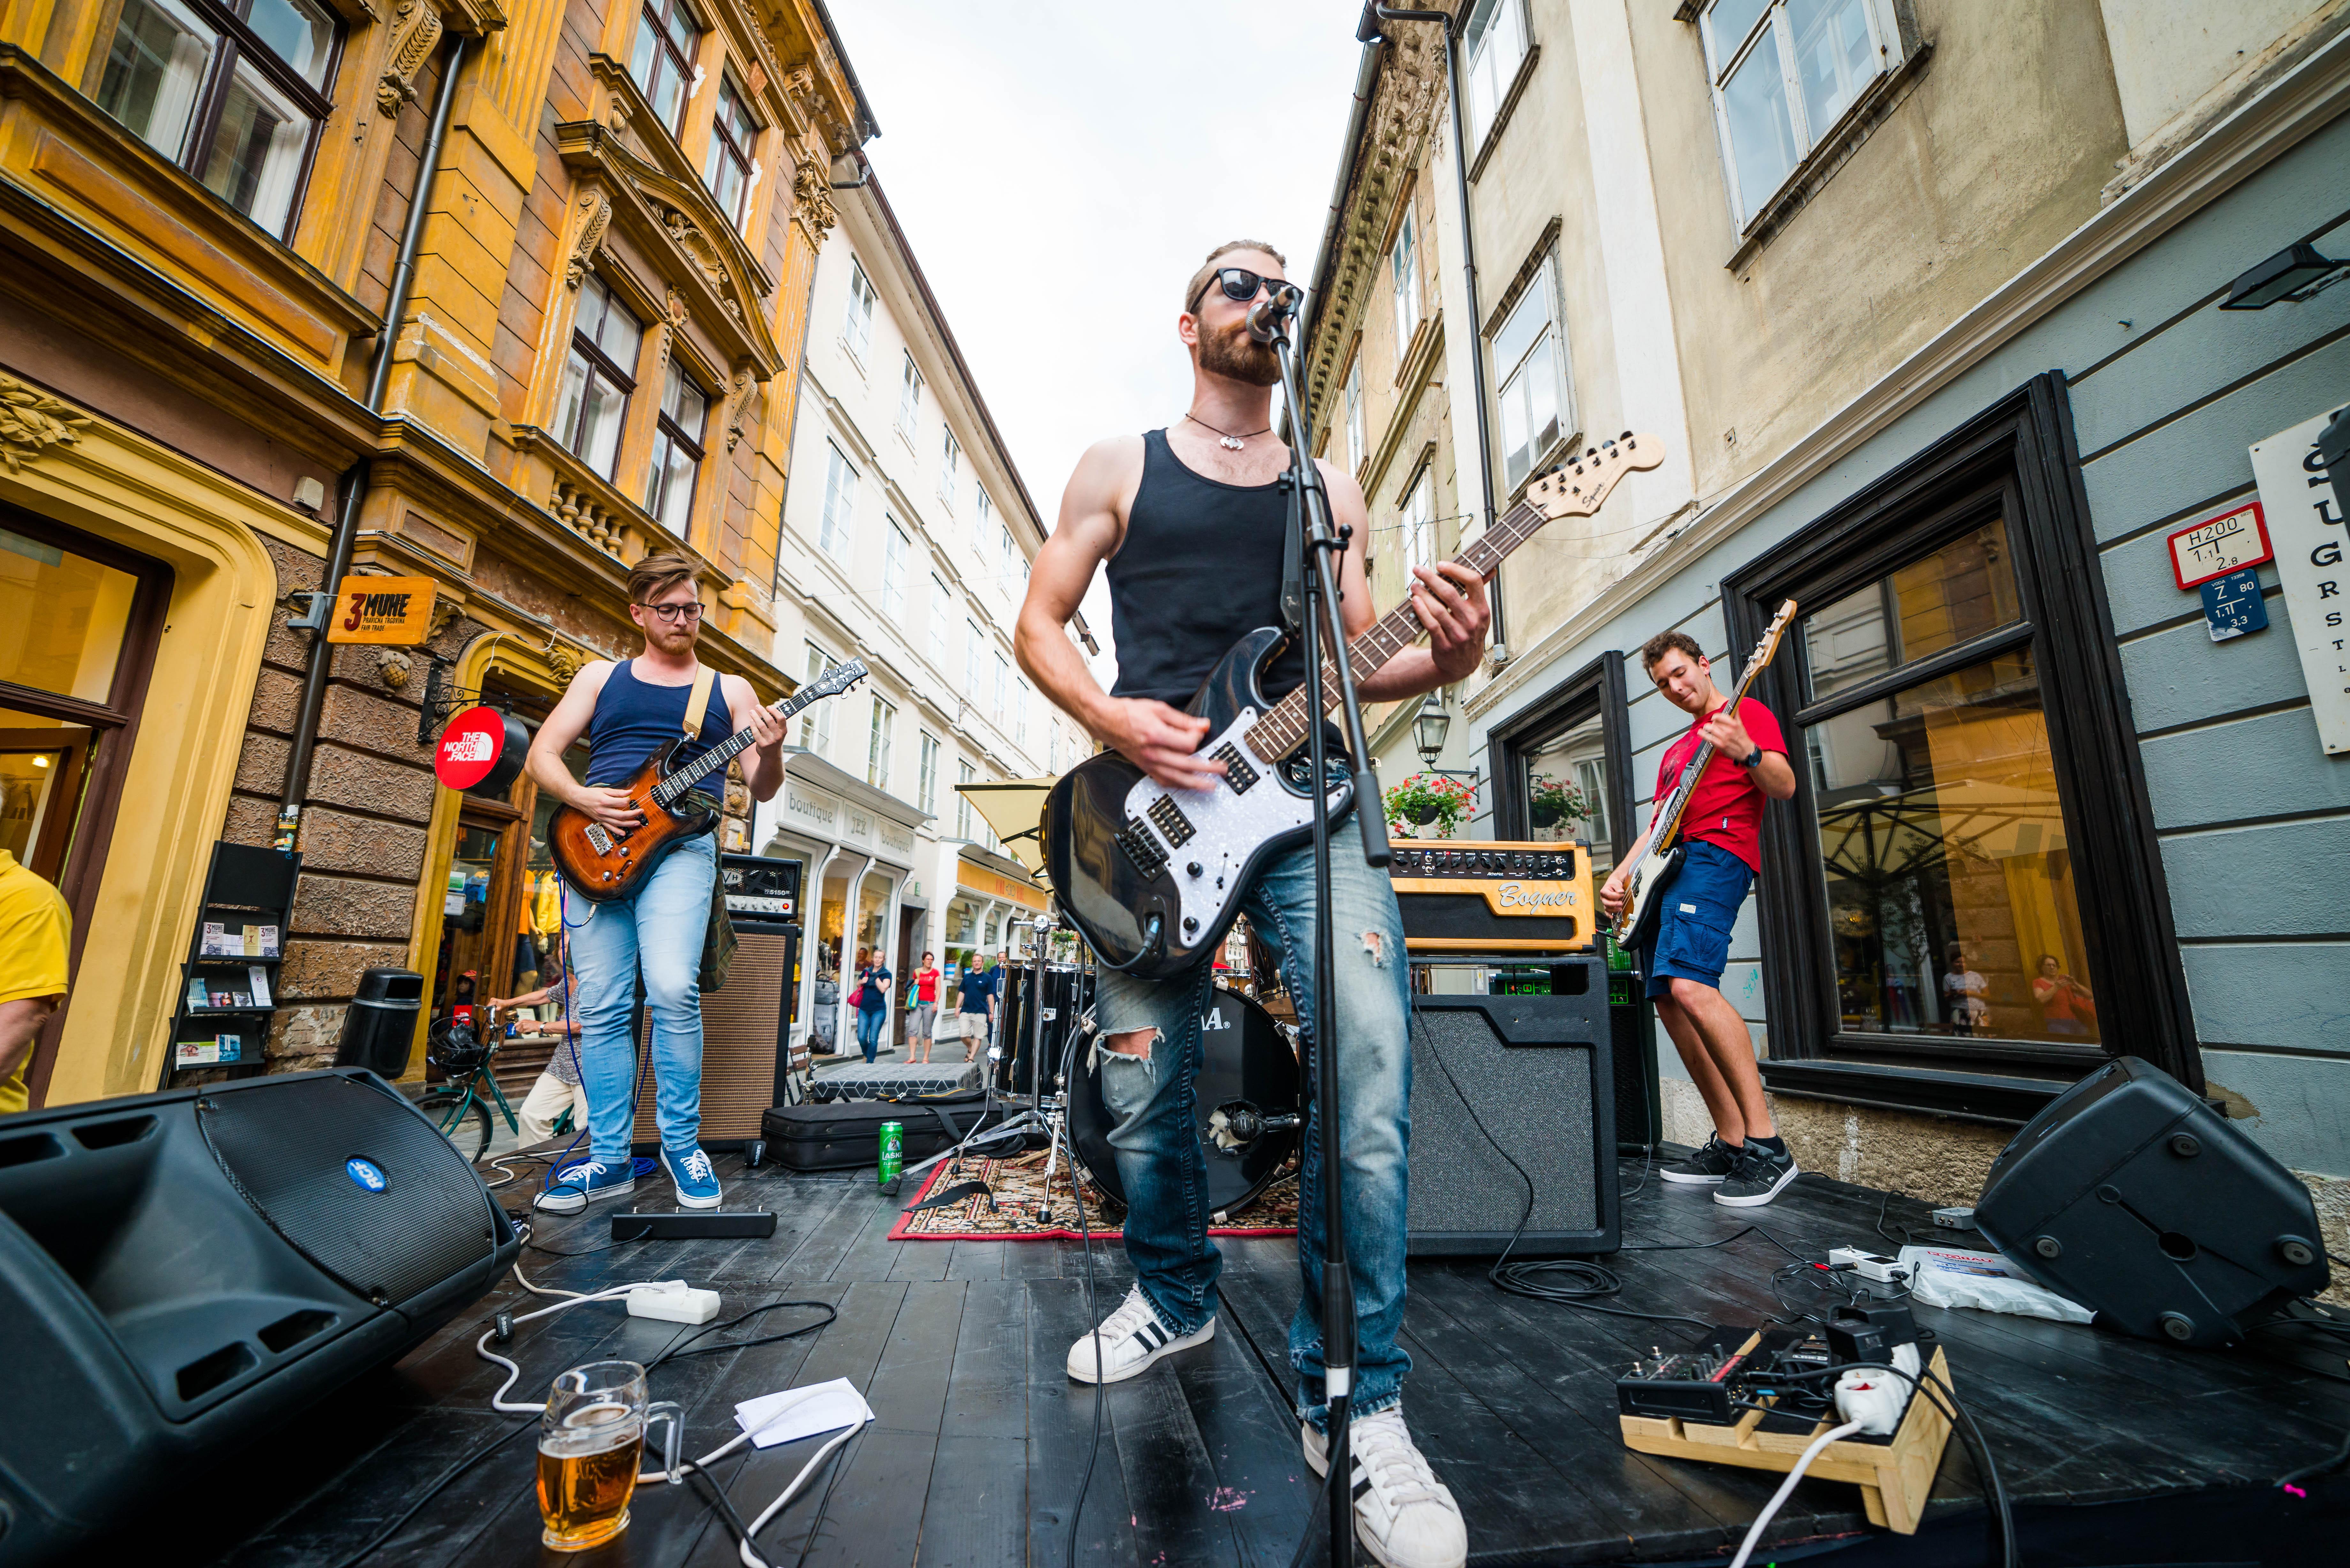 praznik_glasbe_2017_LovroMegusar-1 (78)